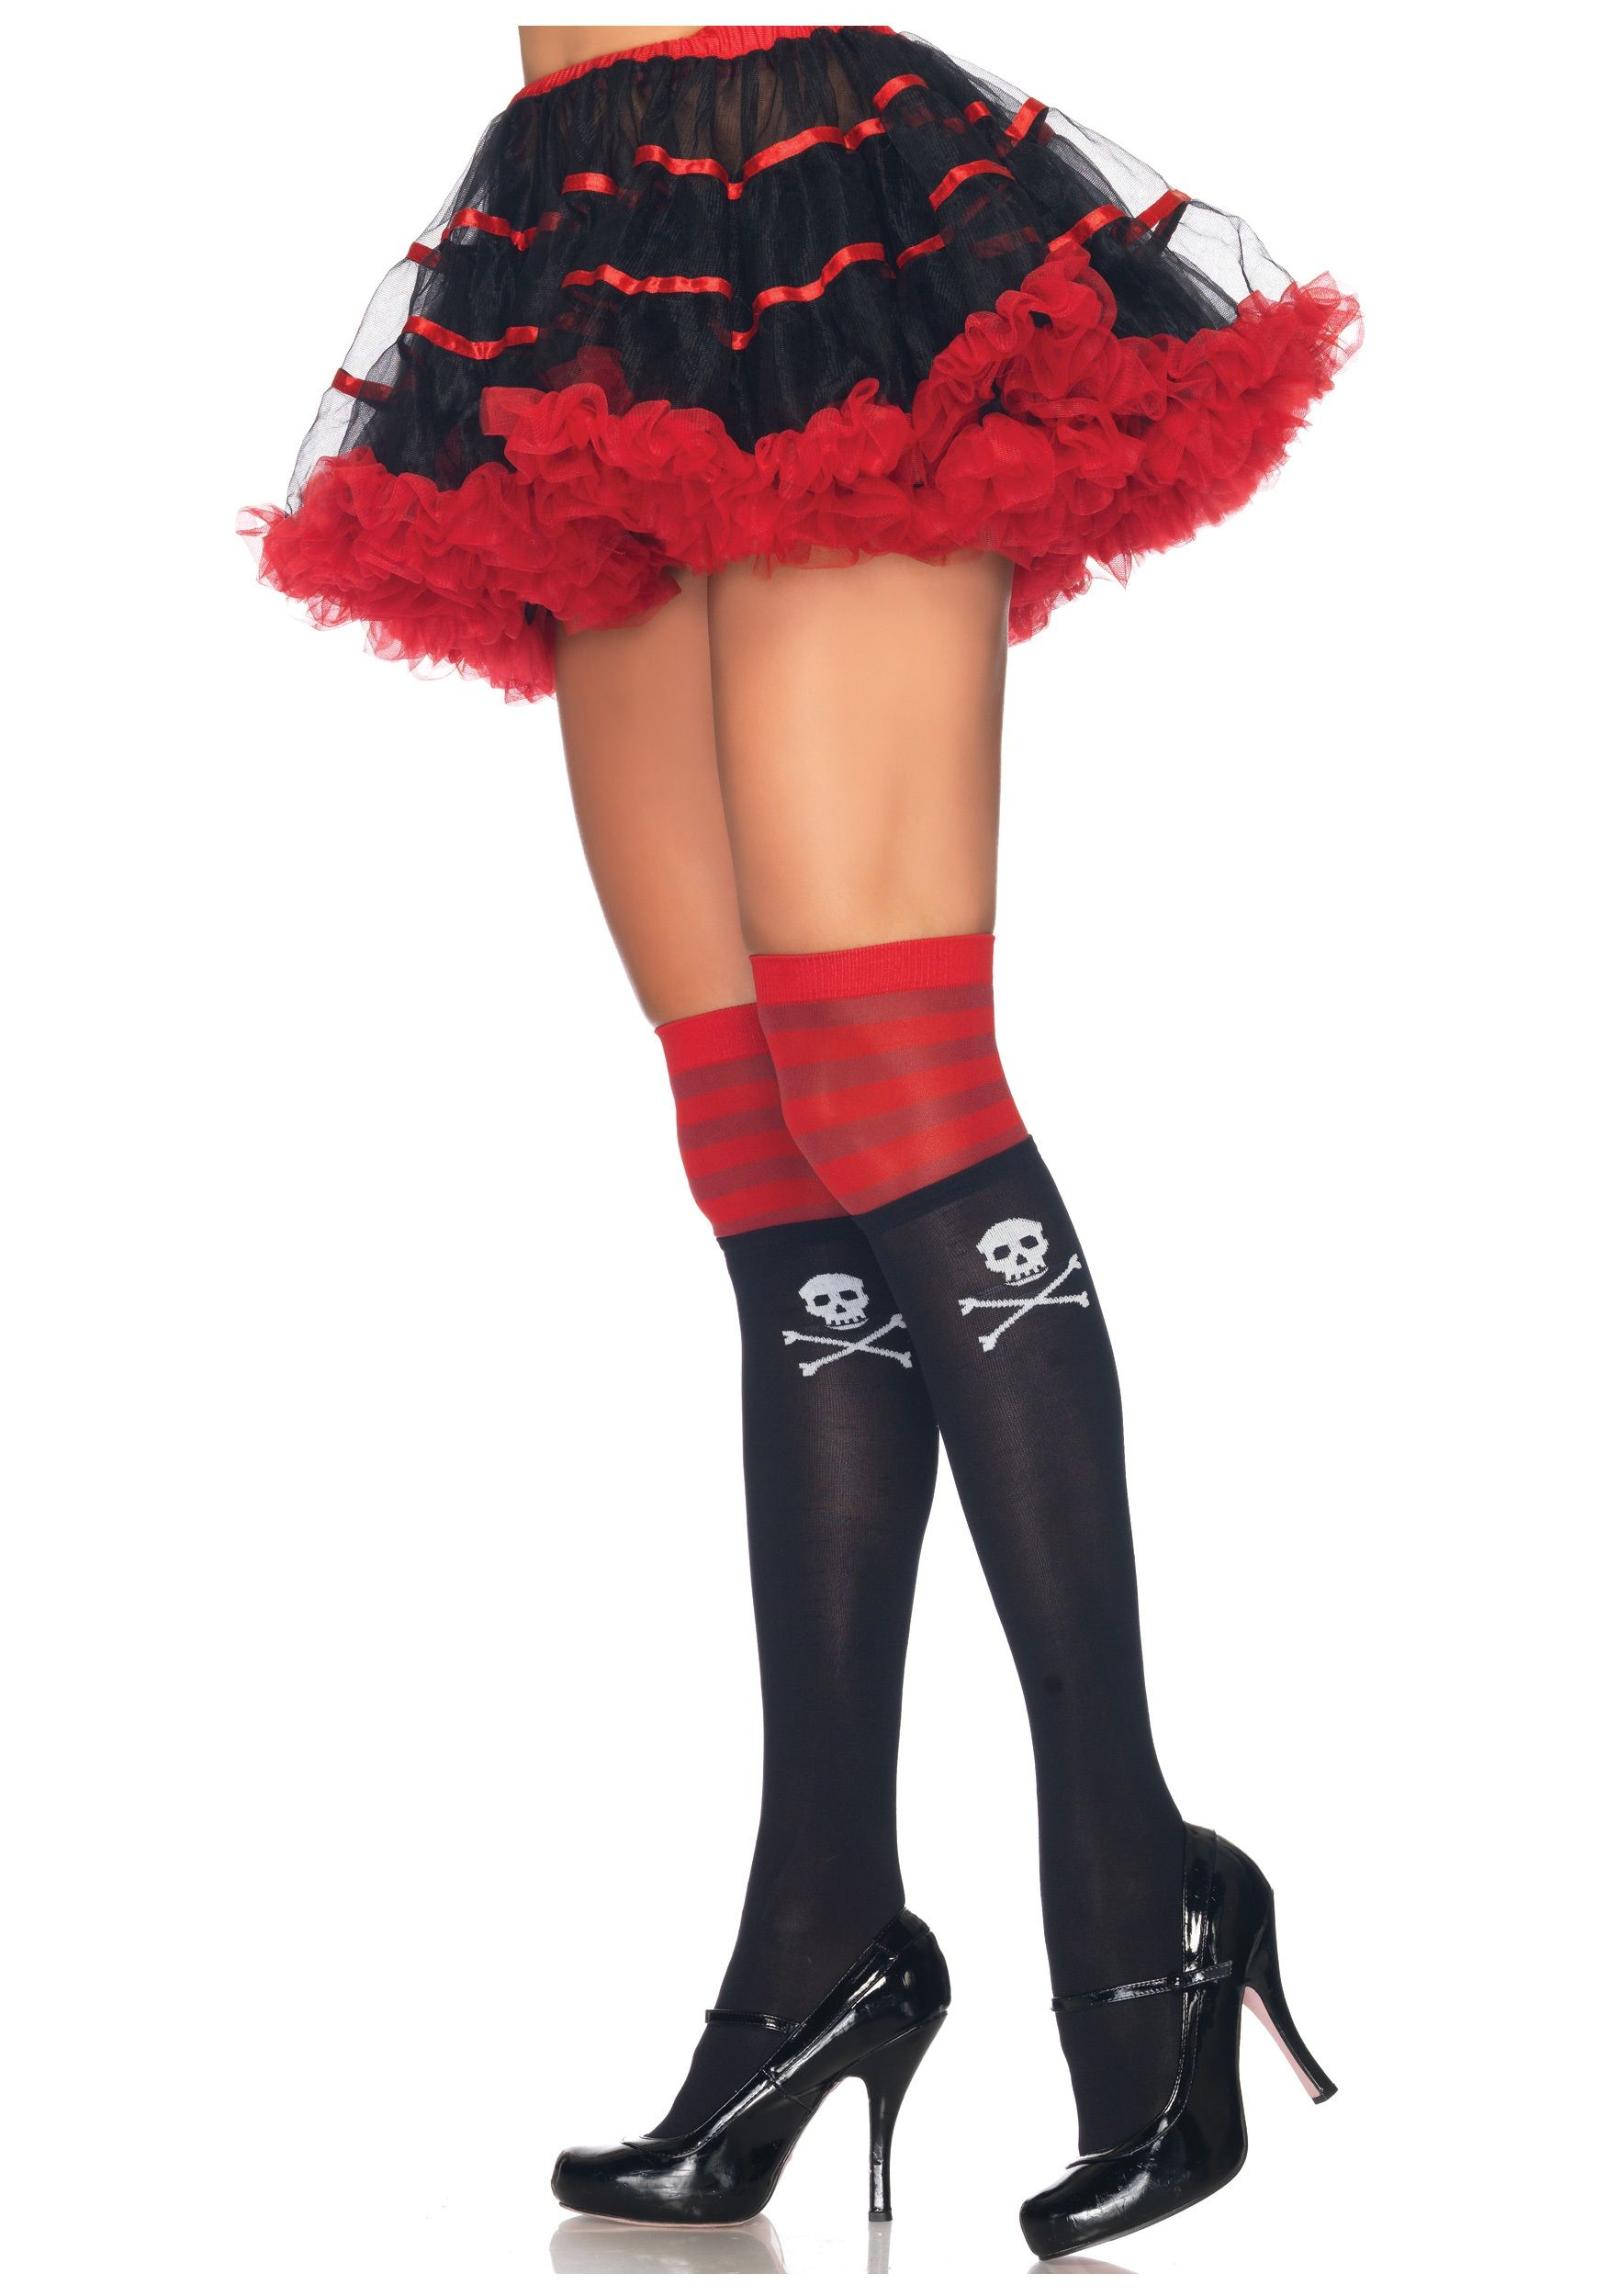 817bc74d010 unique stockings for ladies image